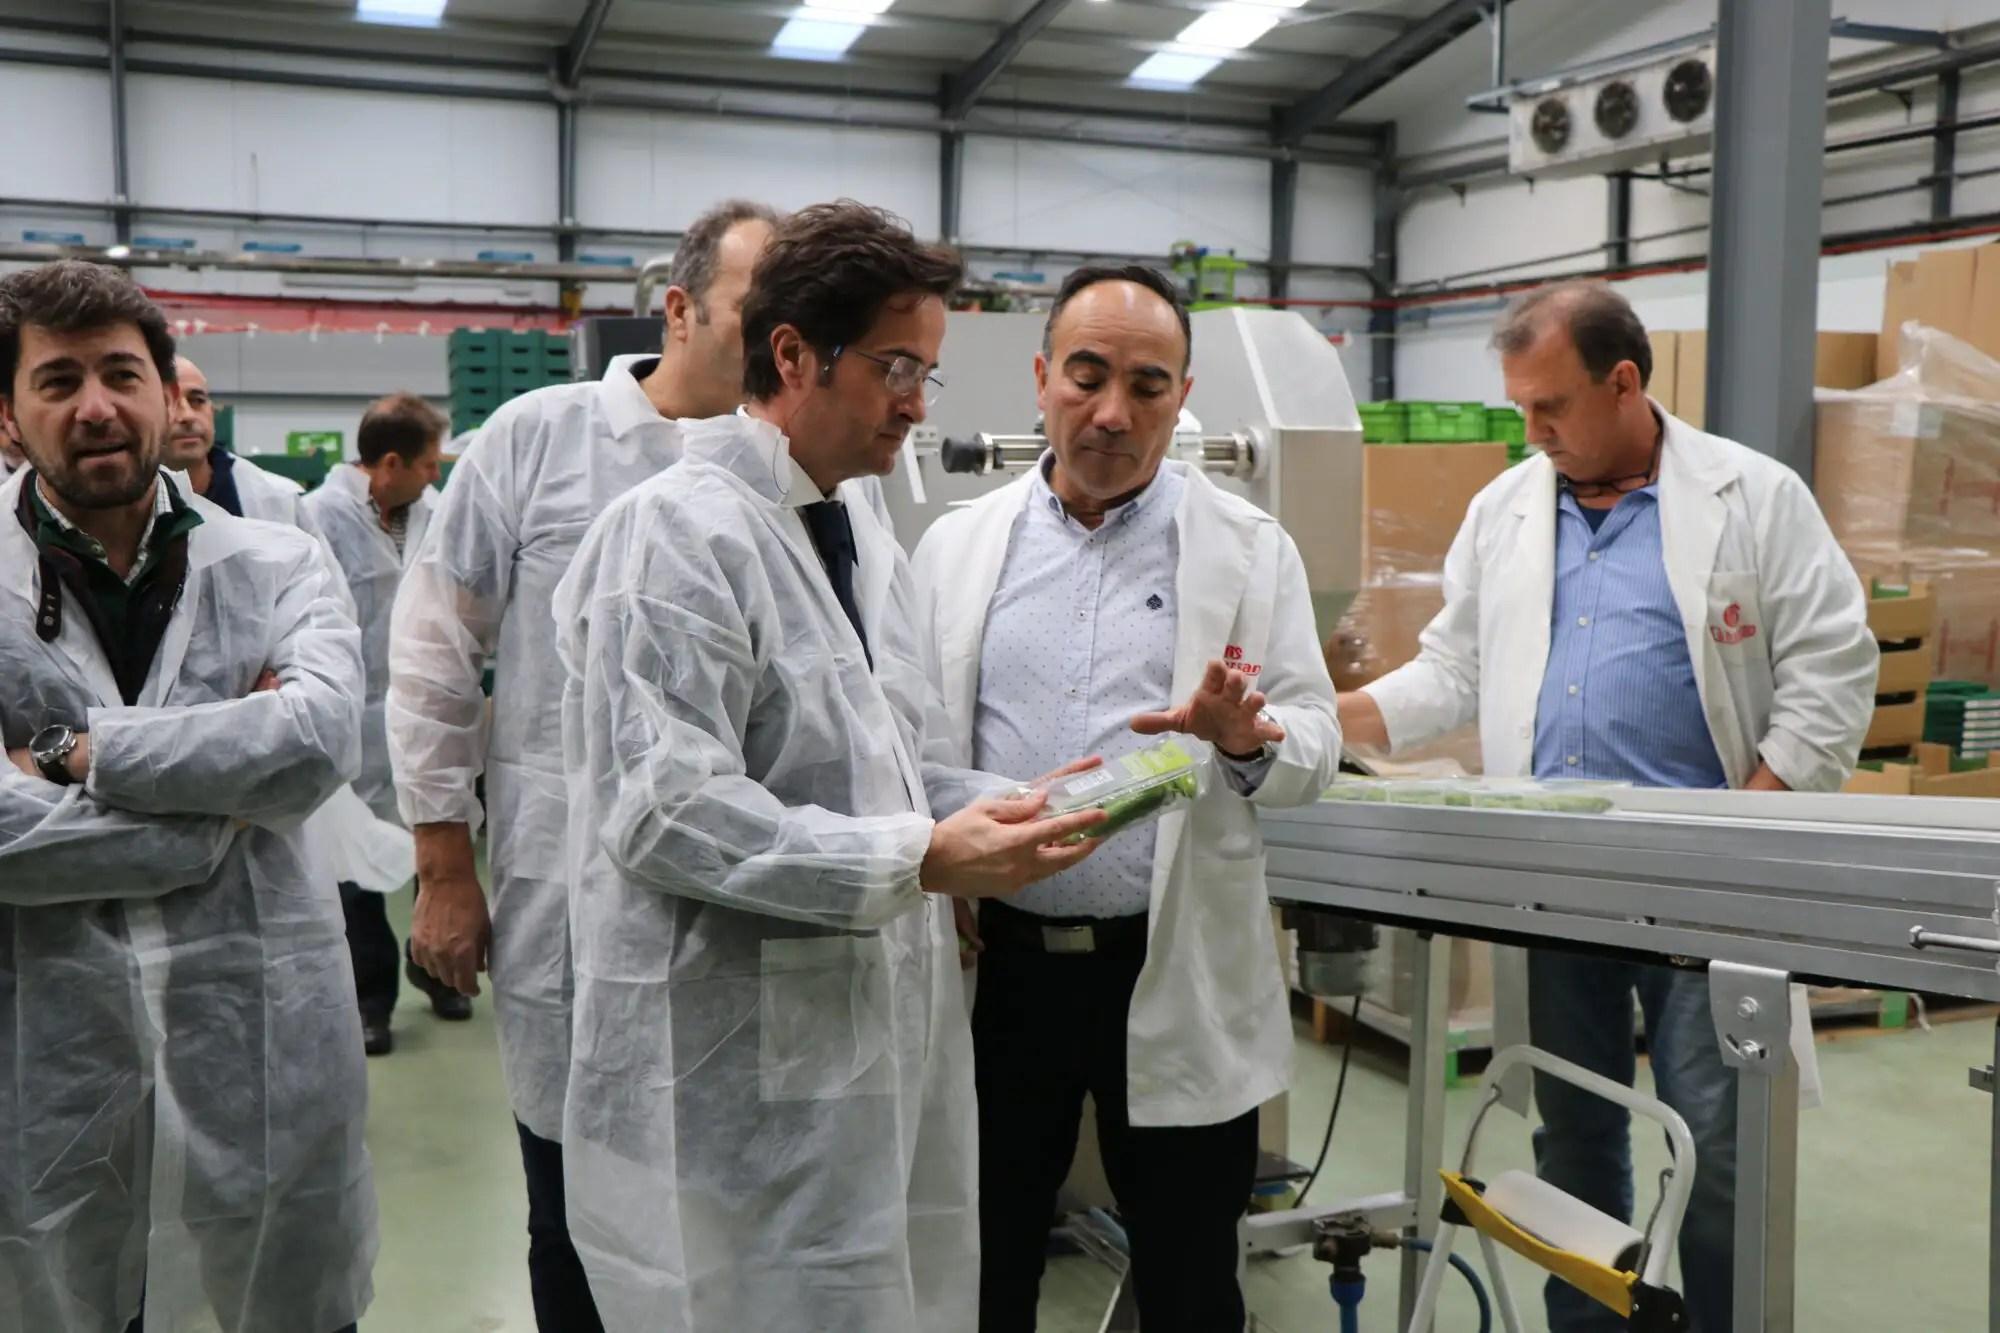 El alcalde de El Ejido recorre las nuevas instalaciones de la cooperativa Cohorsan en San Agustín. Cooperativa miembro de Unica Group.